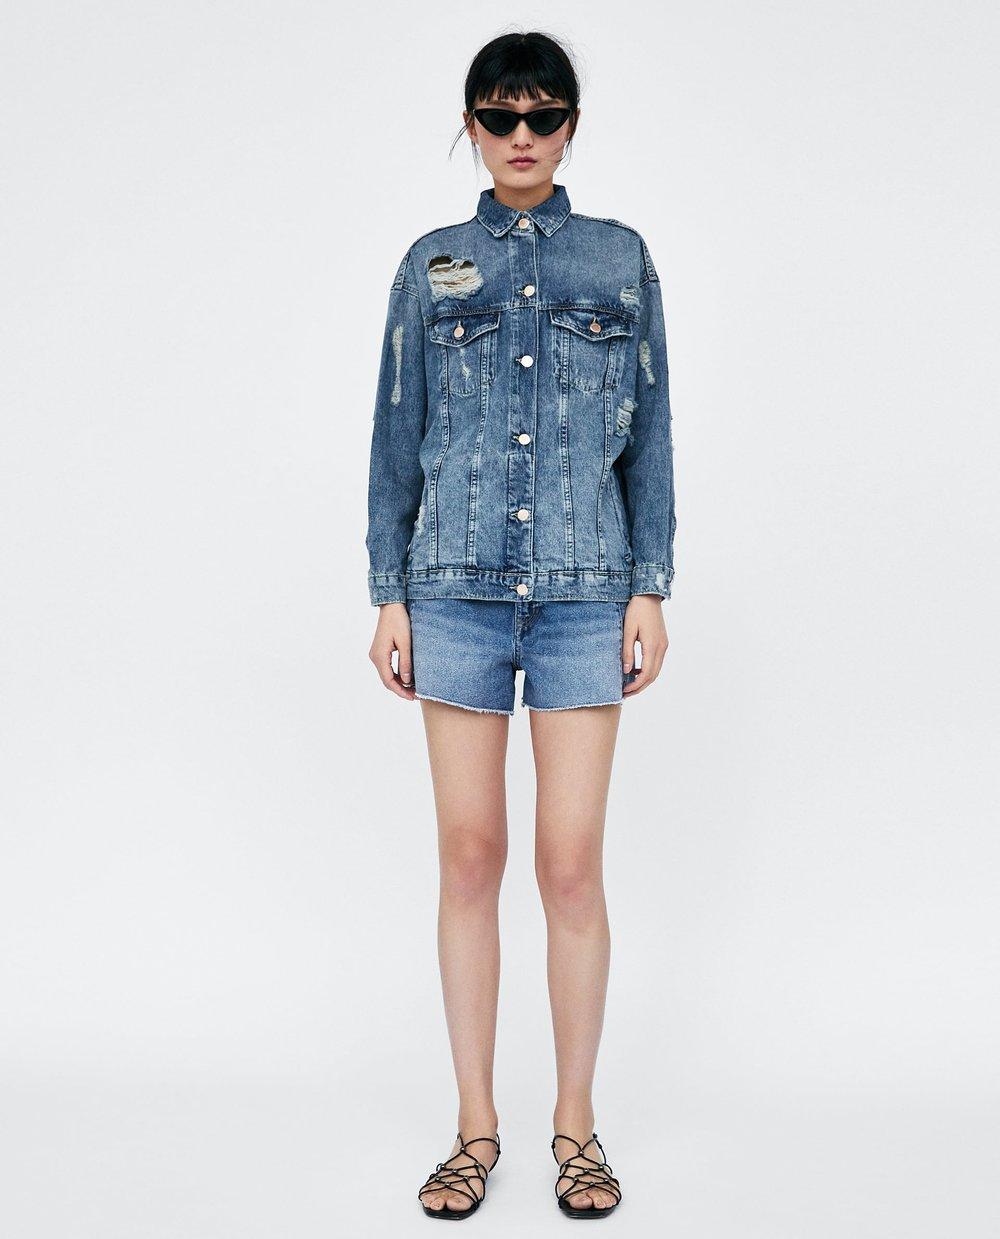 3. Avec la tendance tout denim, on peut se permettre de faire du mix and match en prenant une veste en jeans à la teinte différente du pantalon. Celle-ci de chez Zara est légèrement oversized pour un effet un peu tomboy. - Zara